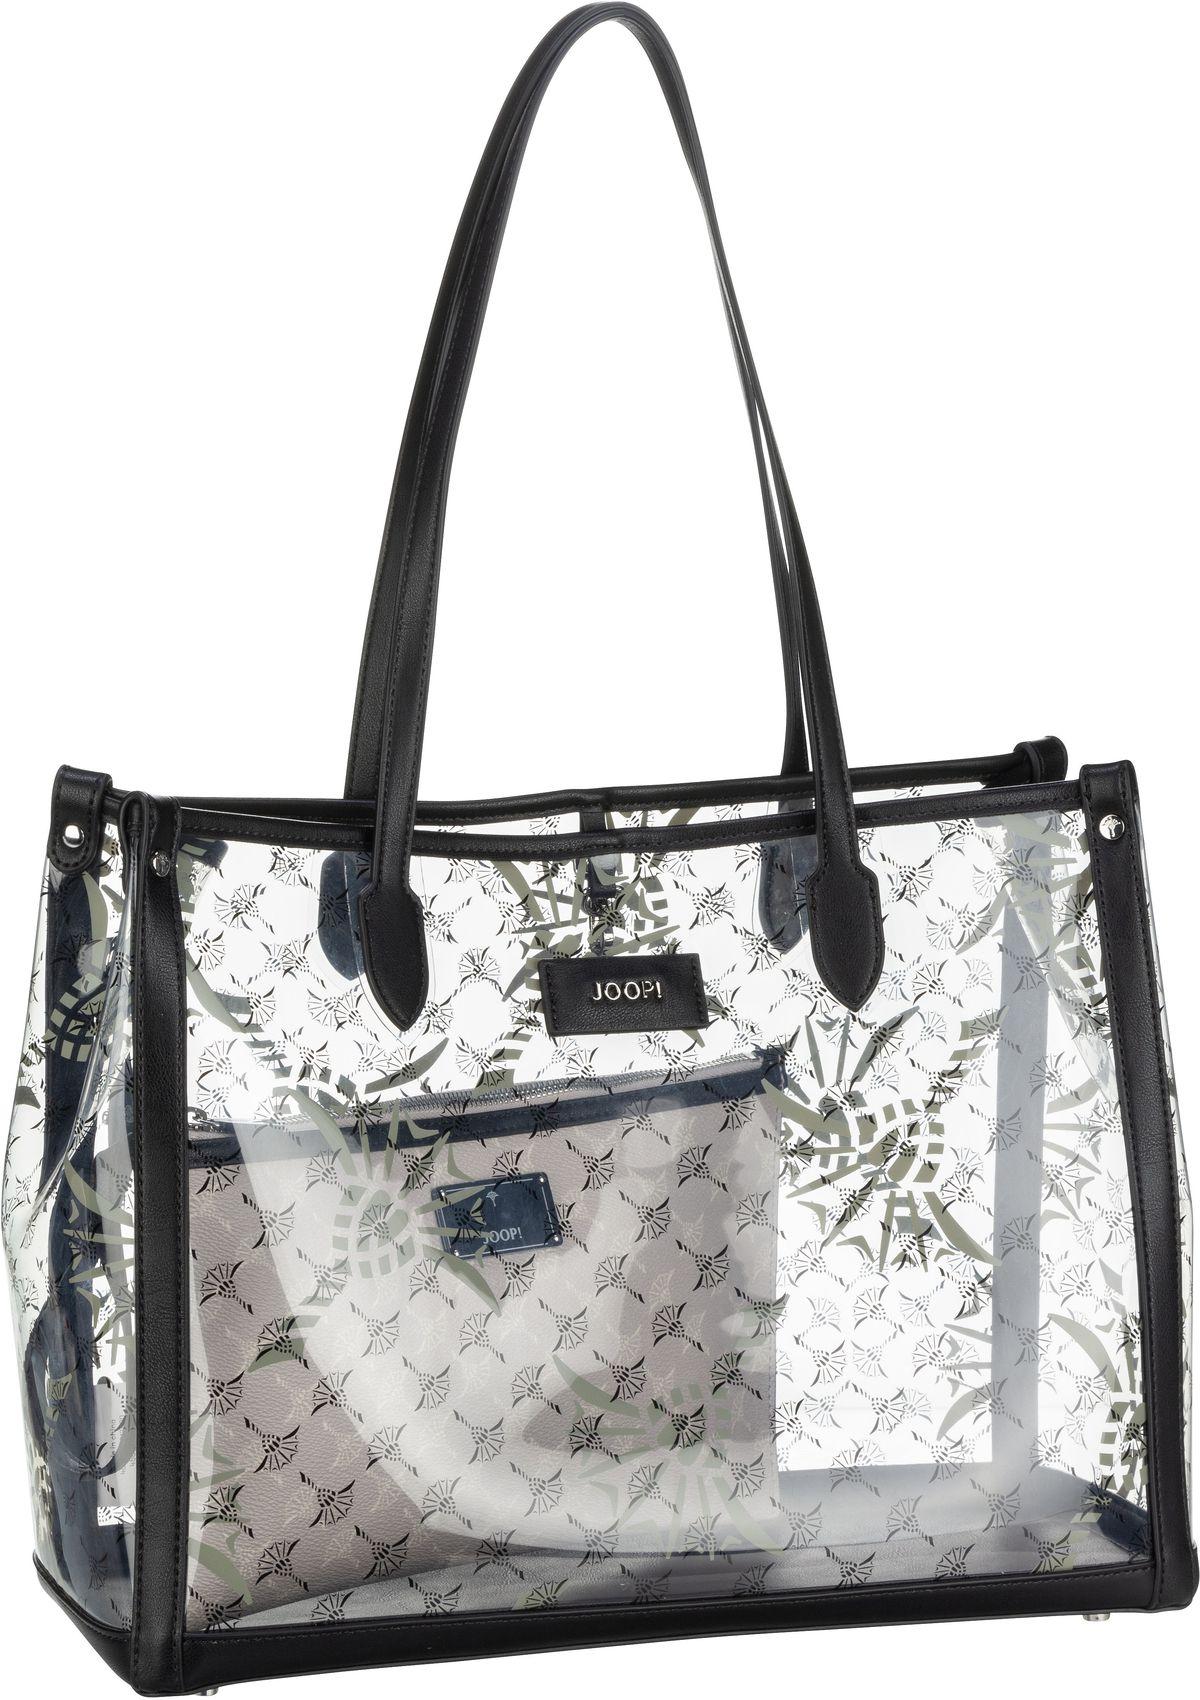 Handtasche Cristallino Lelia Shopper LHO Black